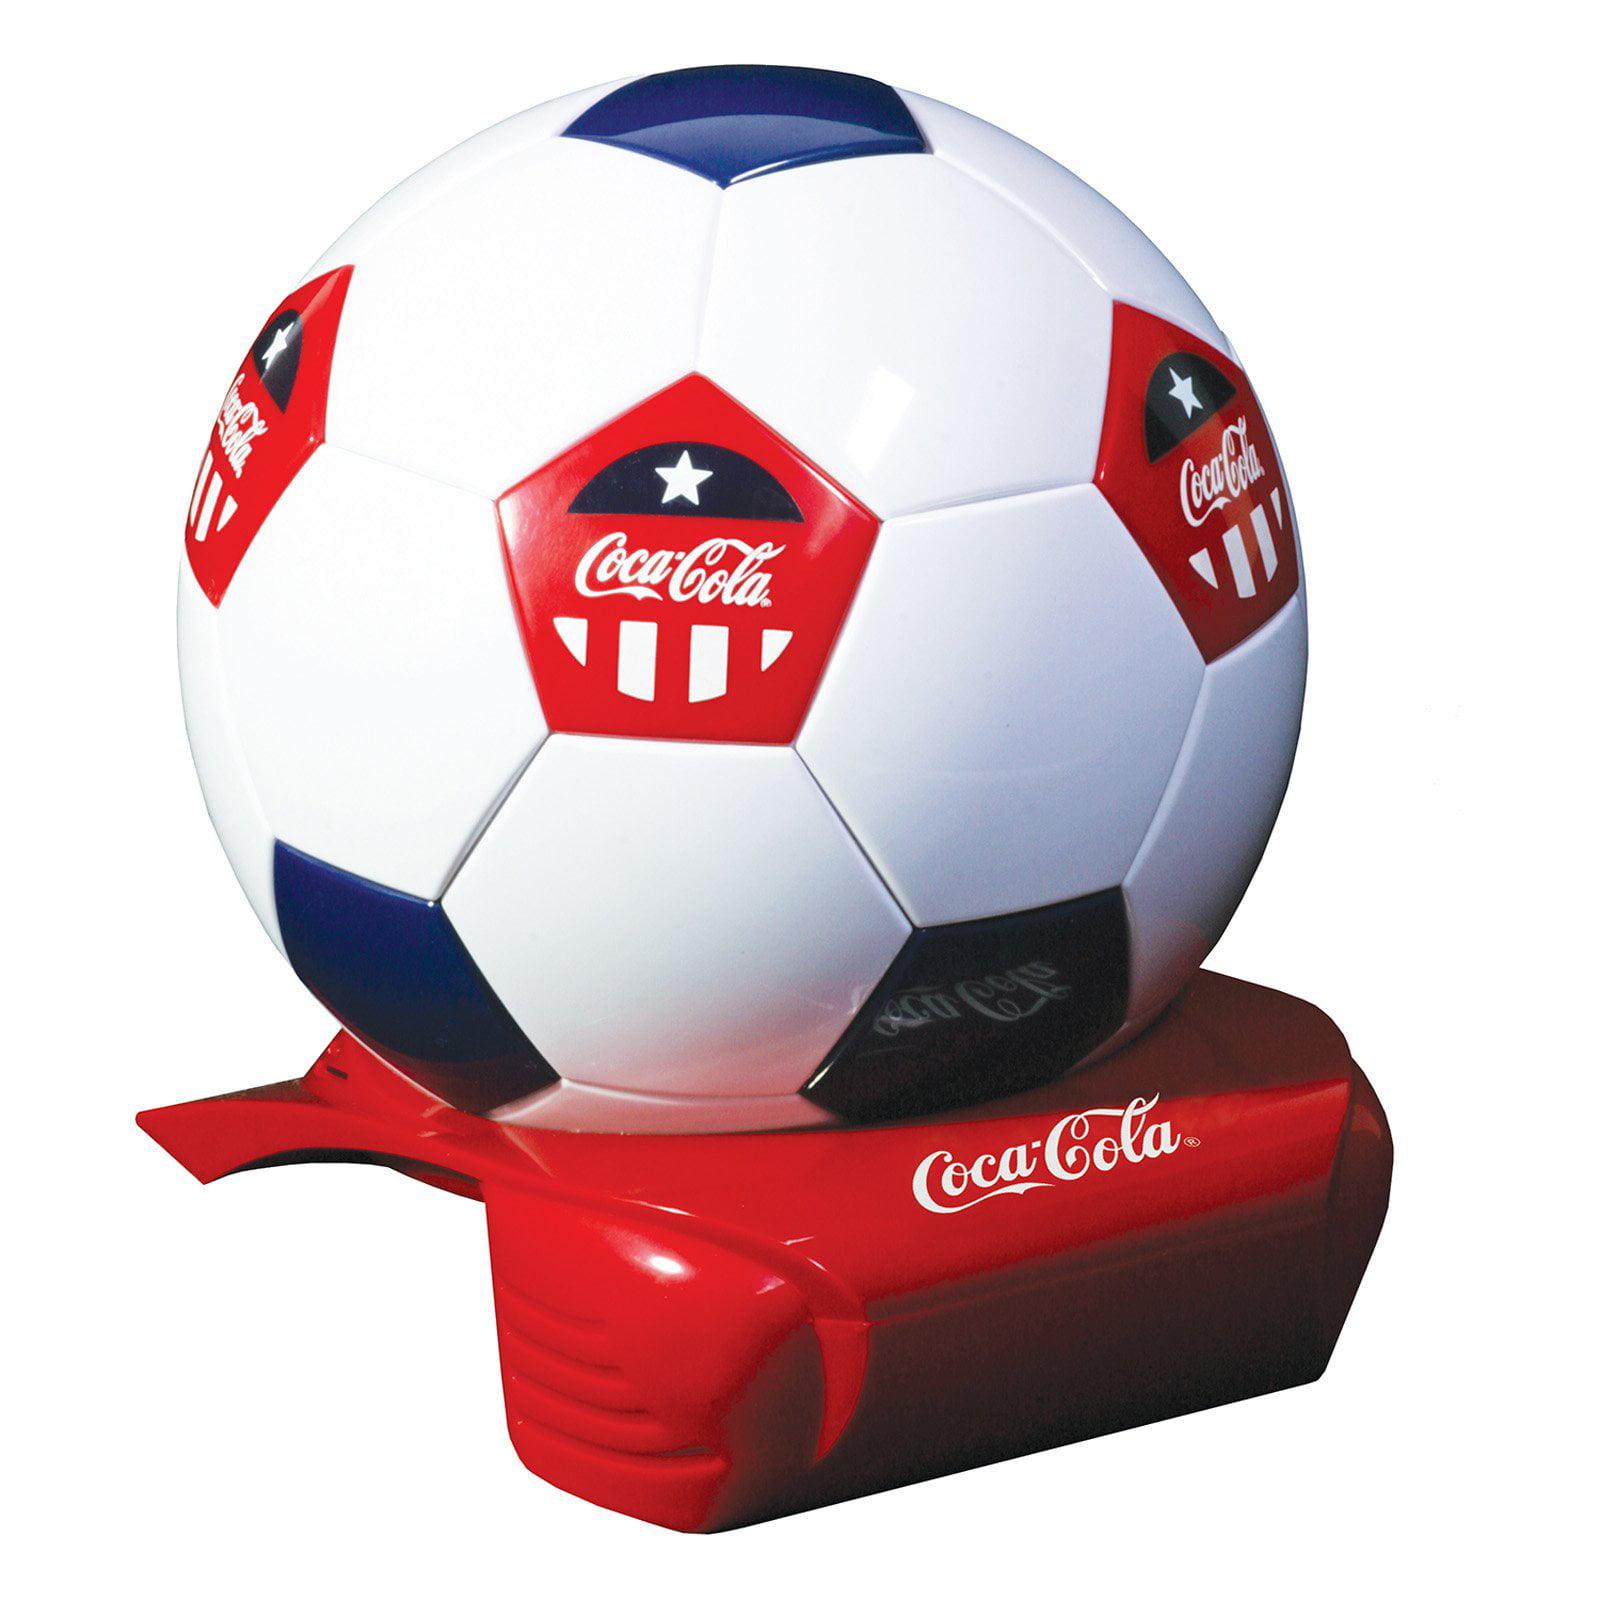 Koolatron Coca-Cola 5 can Compact Electric Cooler CCSB5, USA flag design